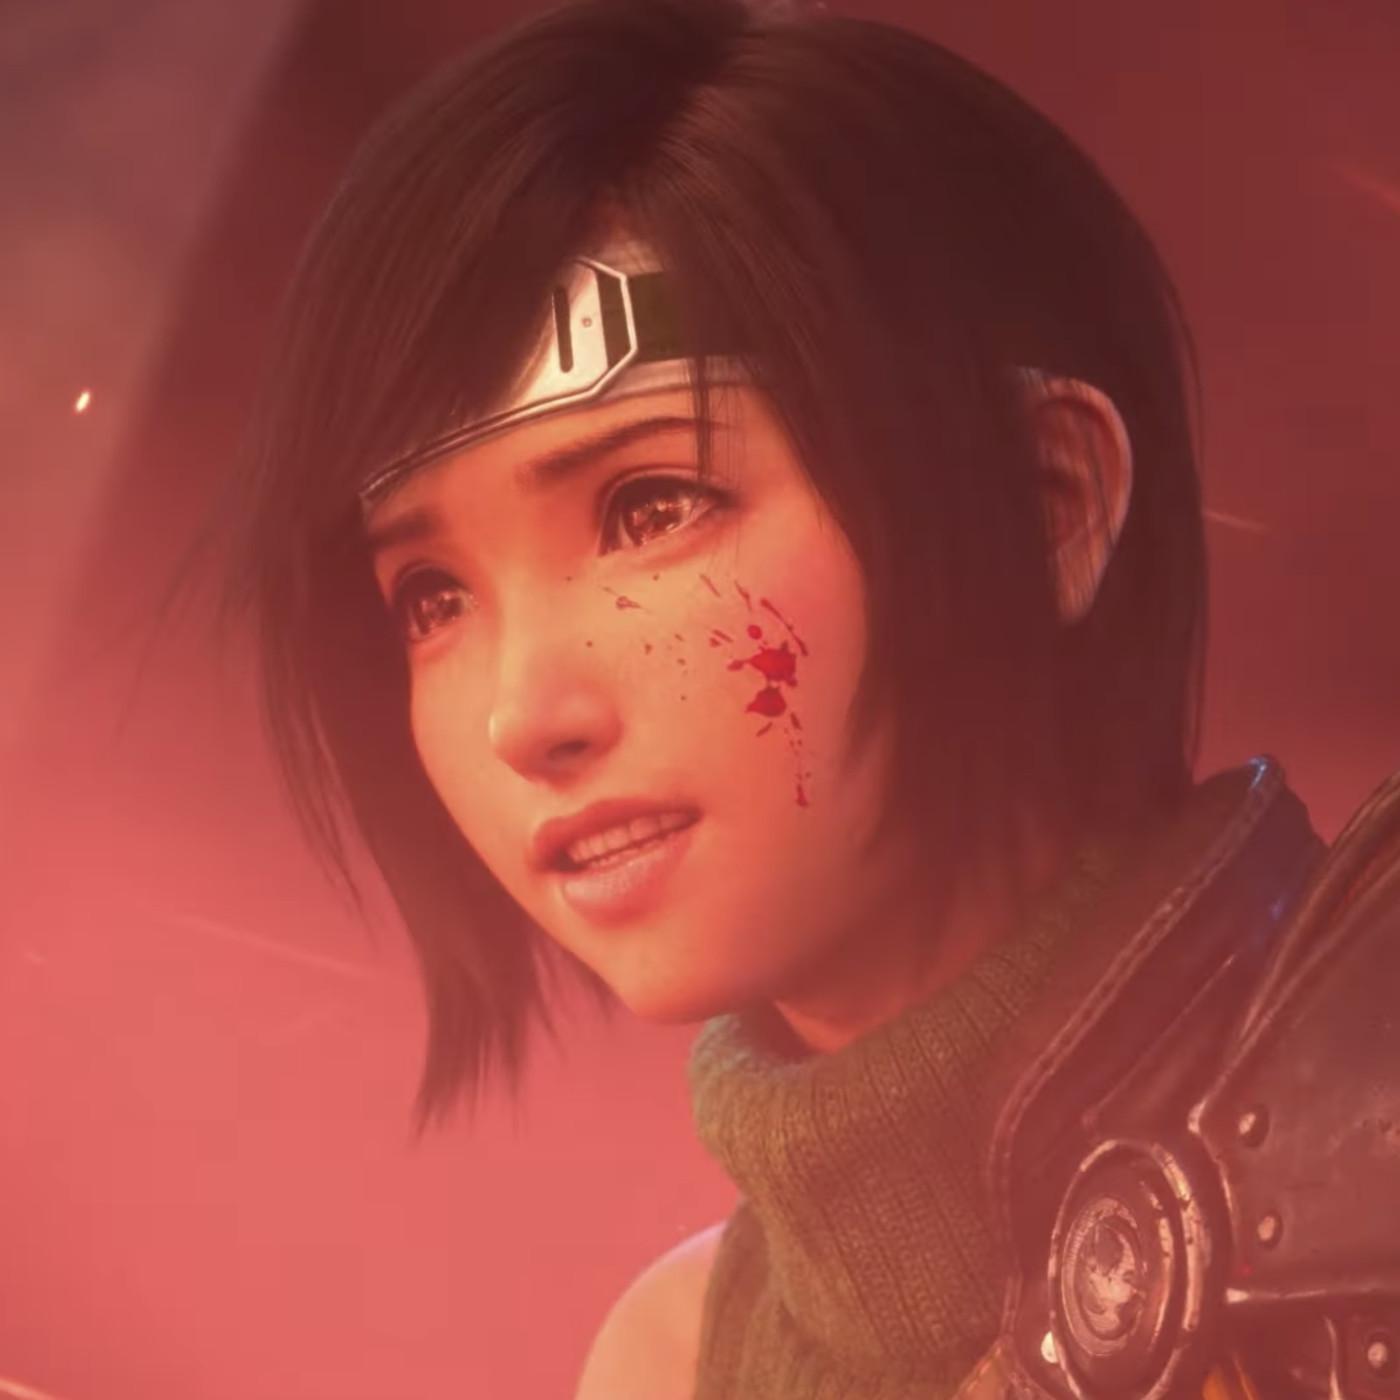 Watch Yuffie cry in Final Fantasy 7 Remake Intergrade's new trailer